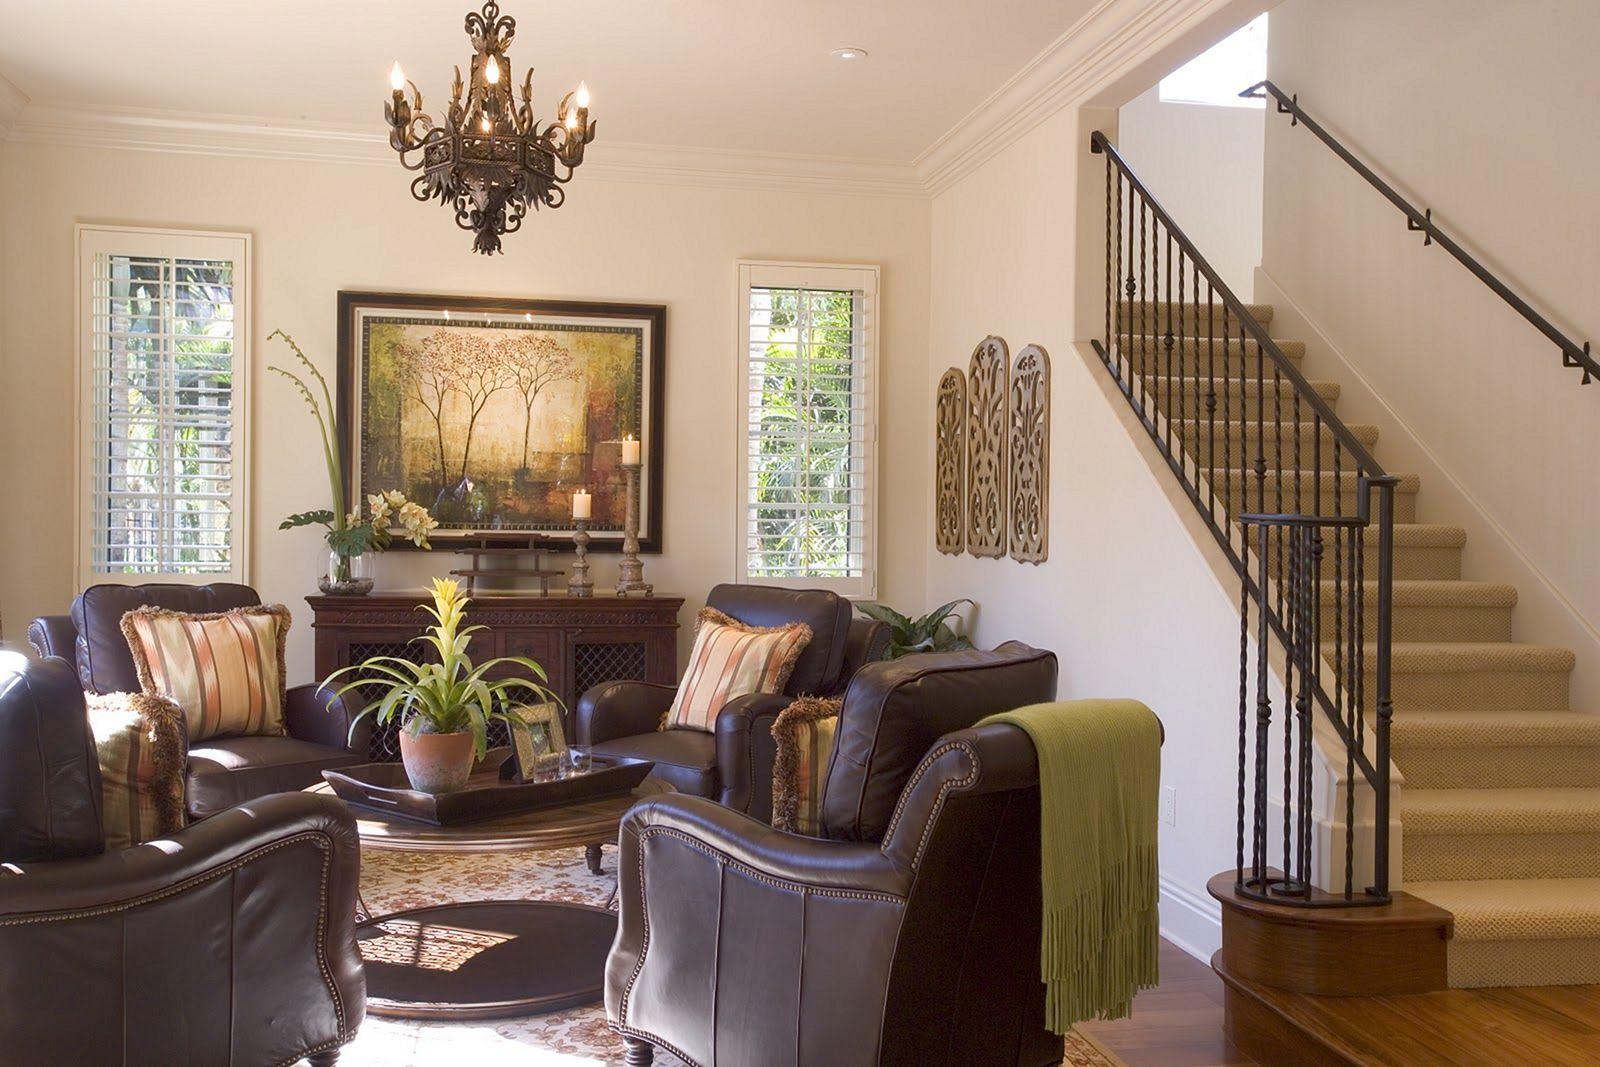 Scale and Proportion Interior Design – DECOREDO